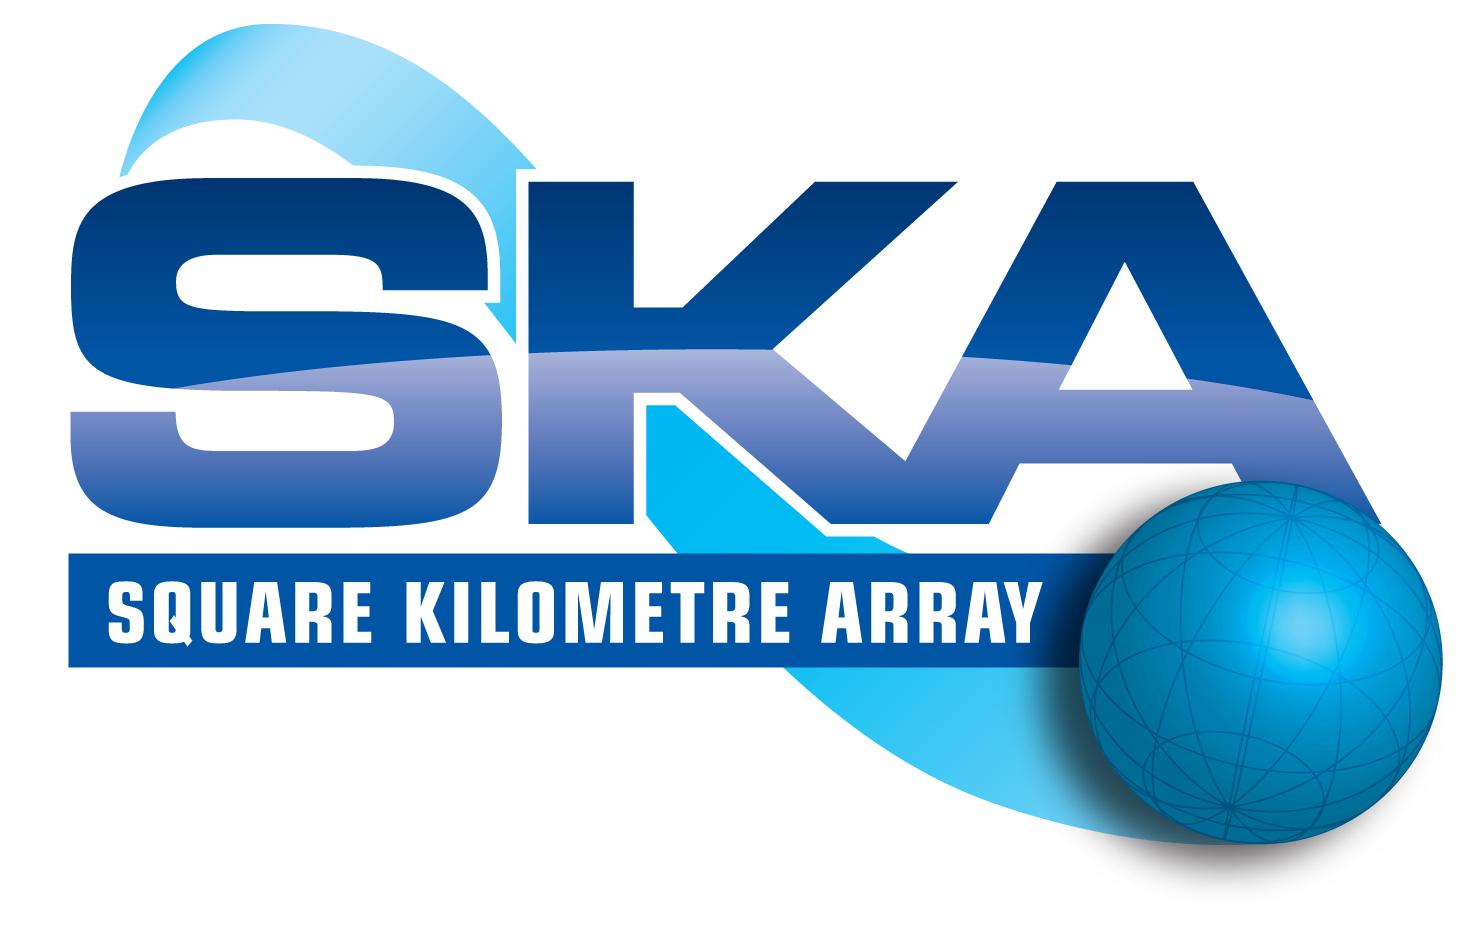 SKA logo